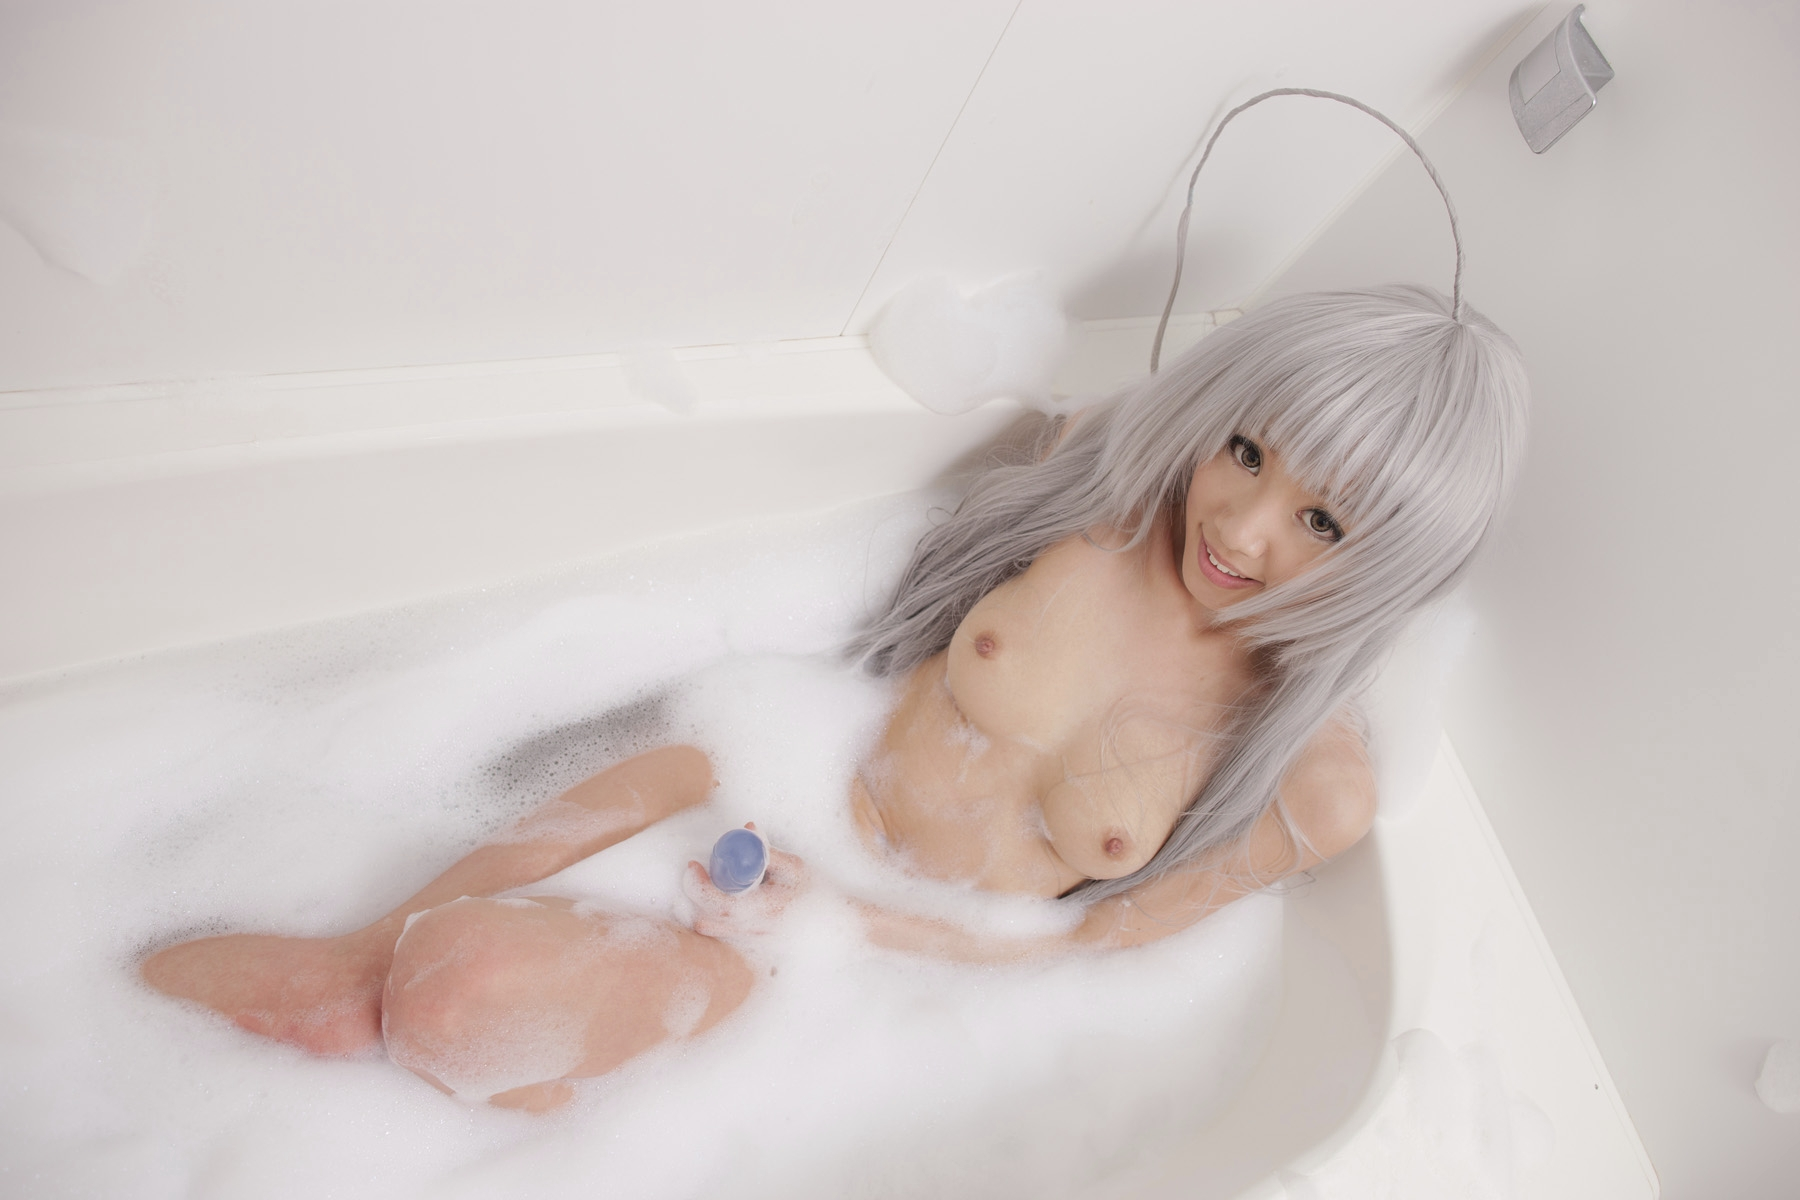 【入浴中な画像】画面に息吹いたら負けwww泡まみれな女体のギャラリー 15